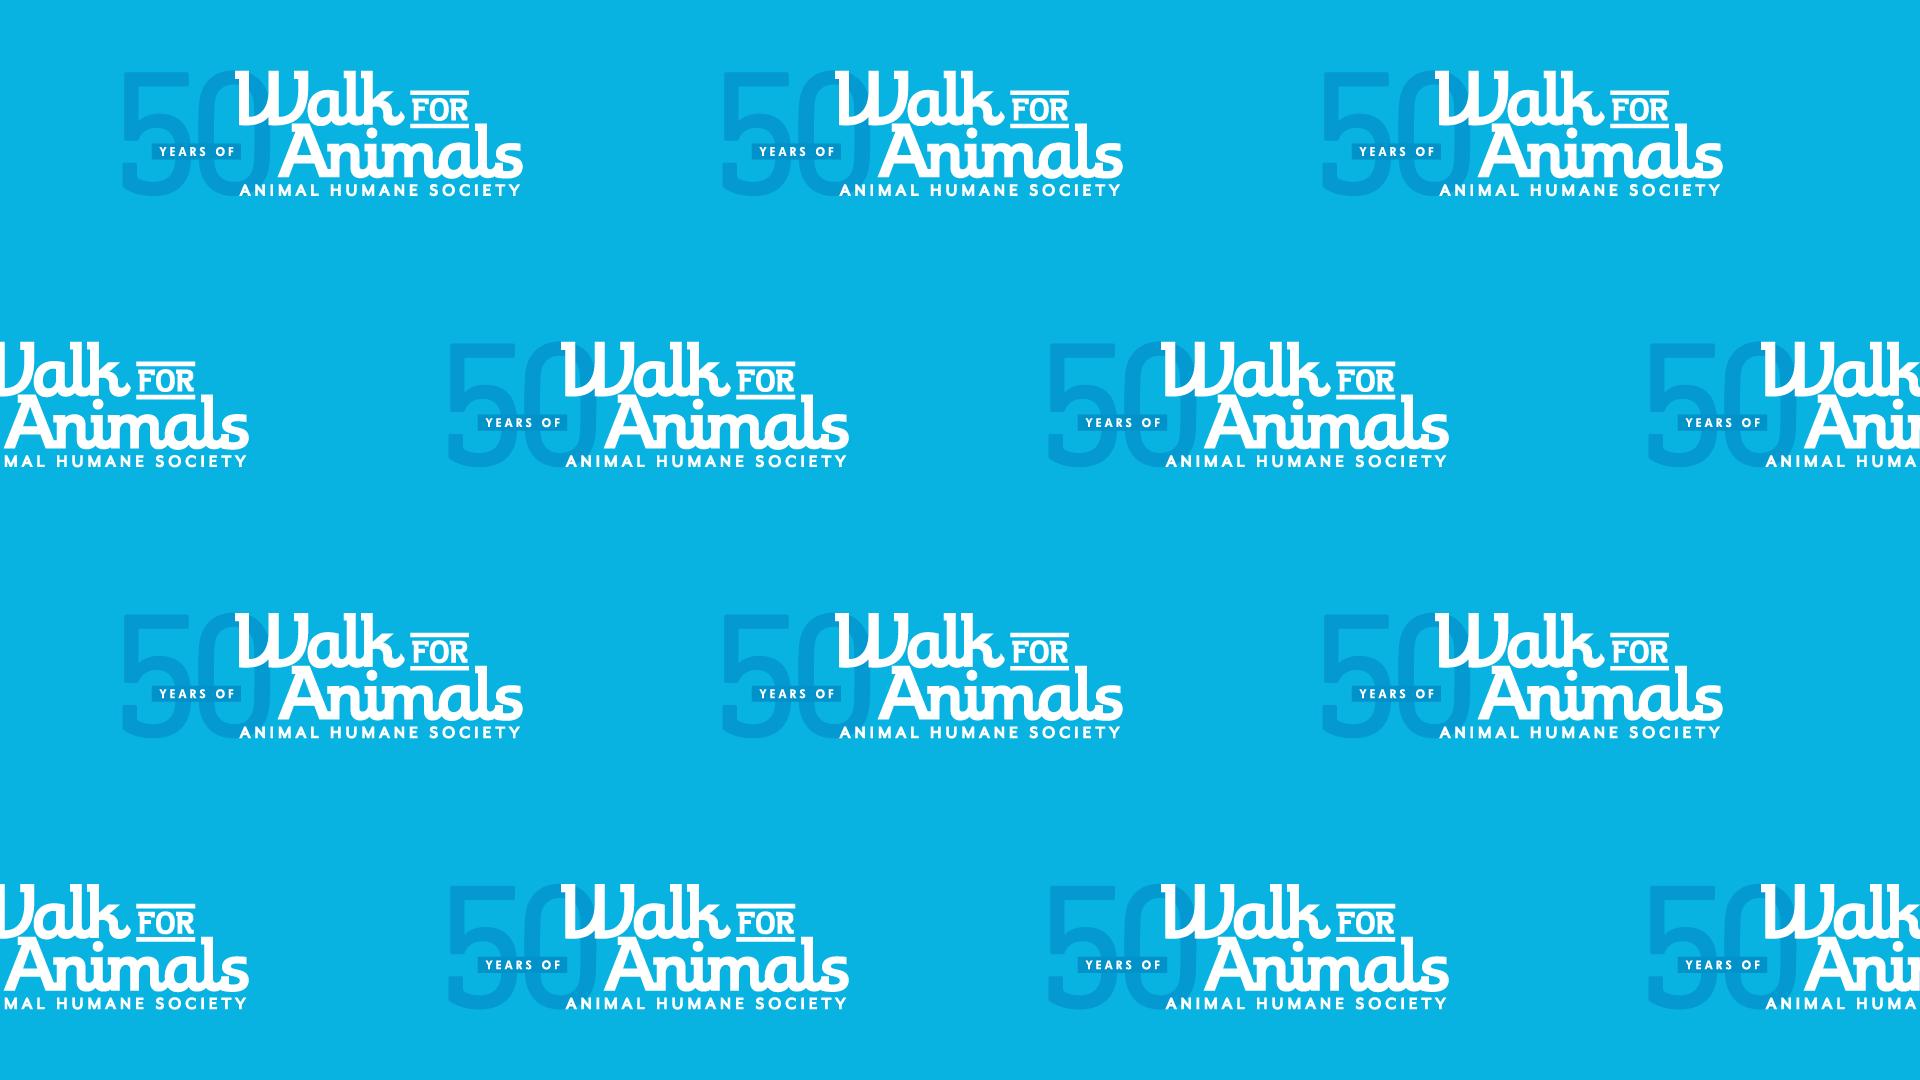 Walk for Animals background